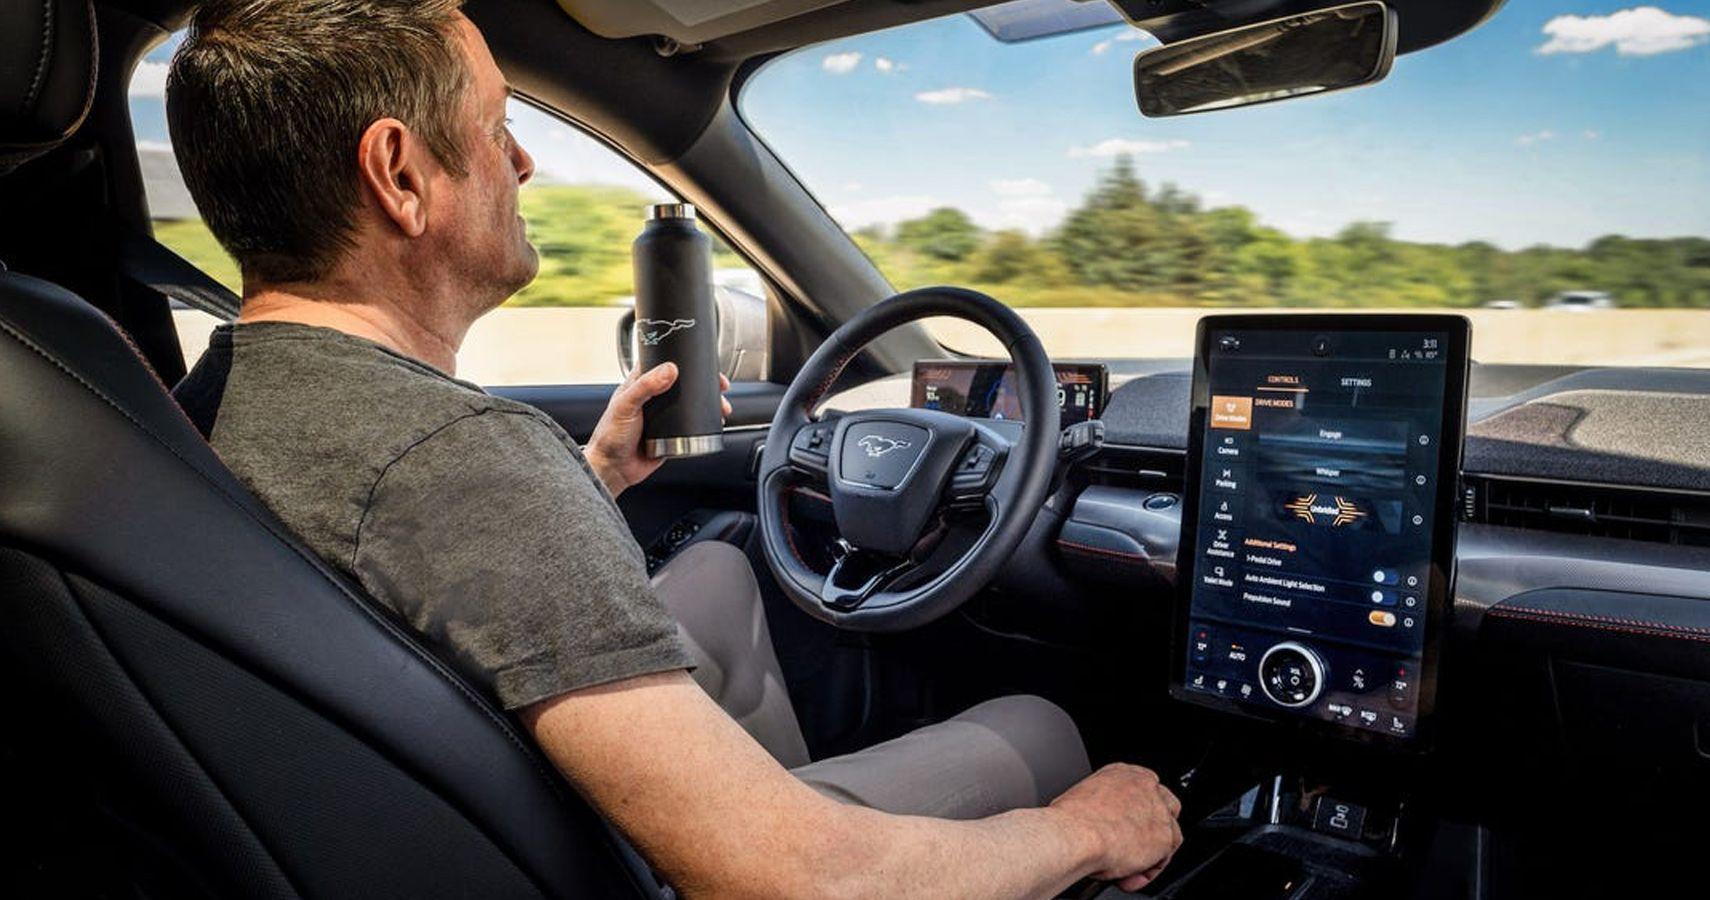 Ford To Launch Autonomous Driving System Rivaling Tesla's Autopilot